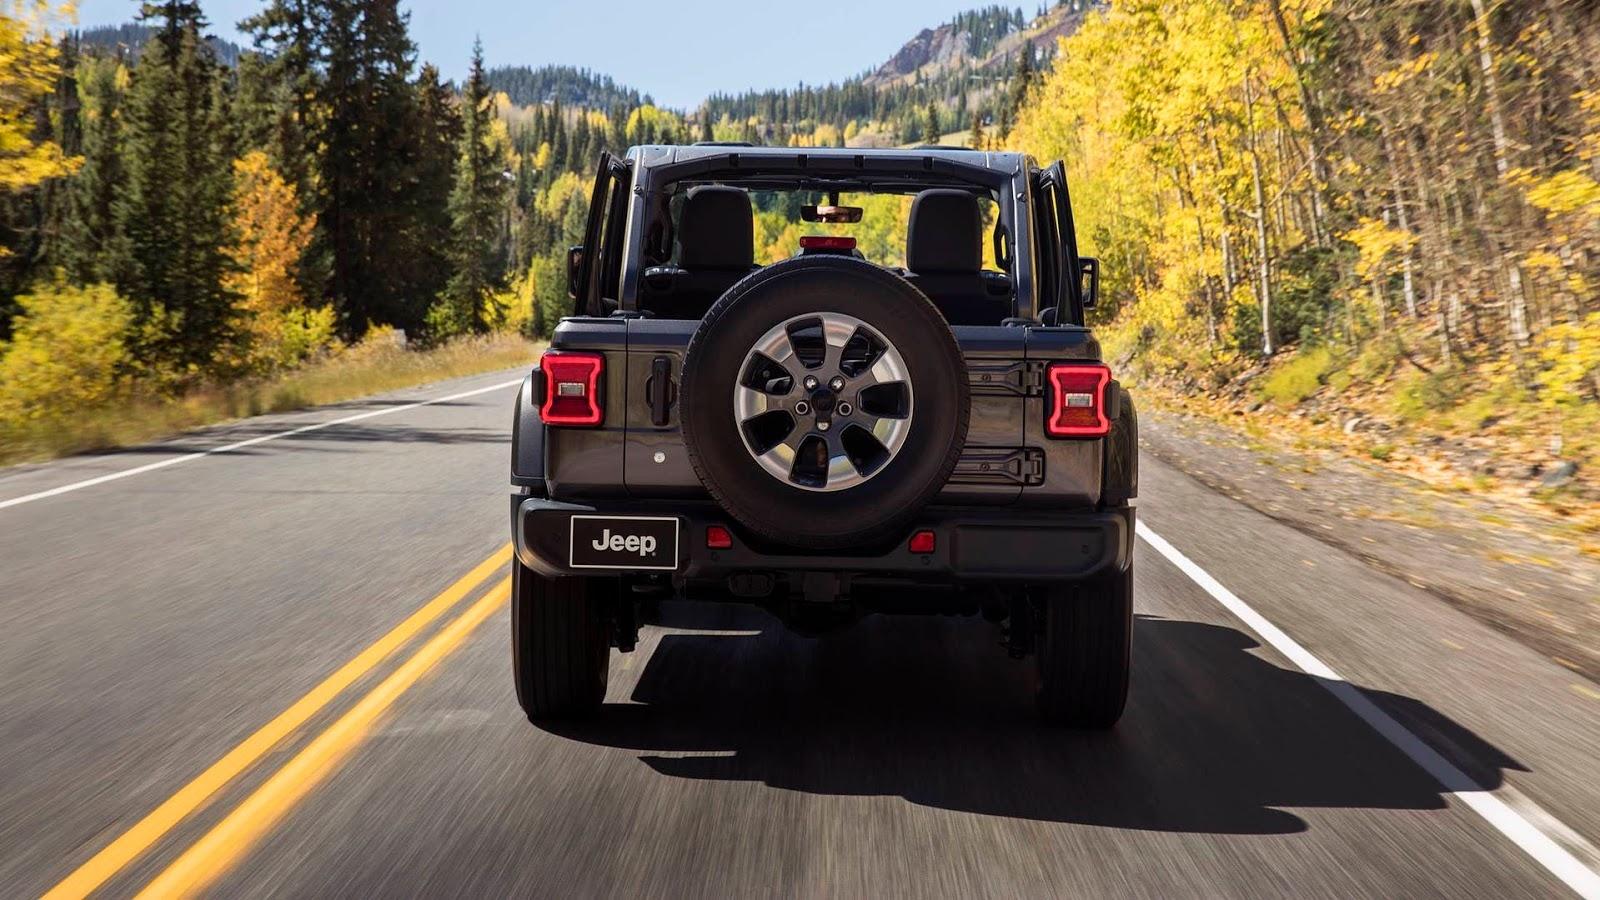 S0-le-nouveau-jeep-wrangler-passe-a-l-hybride-537395